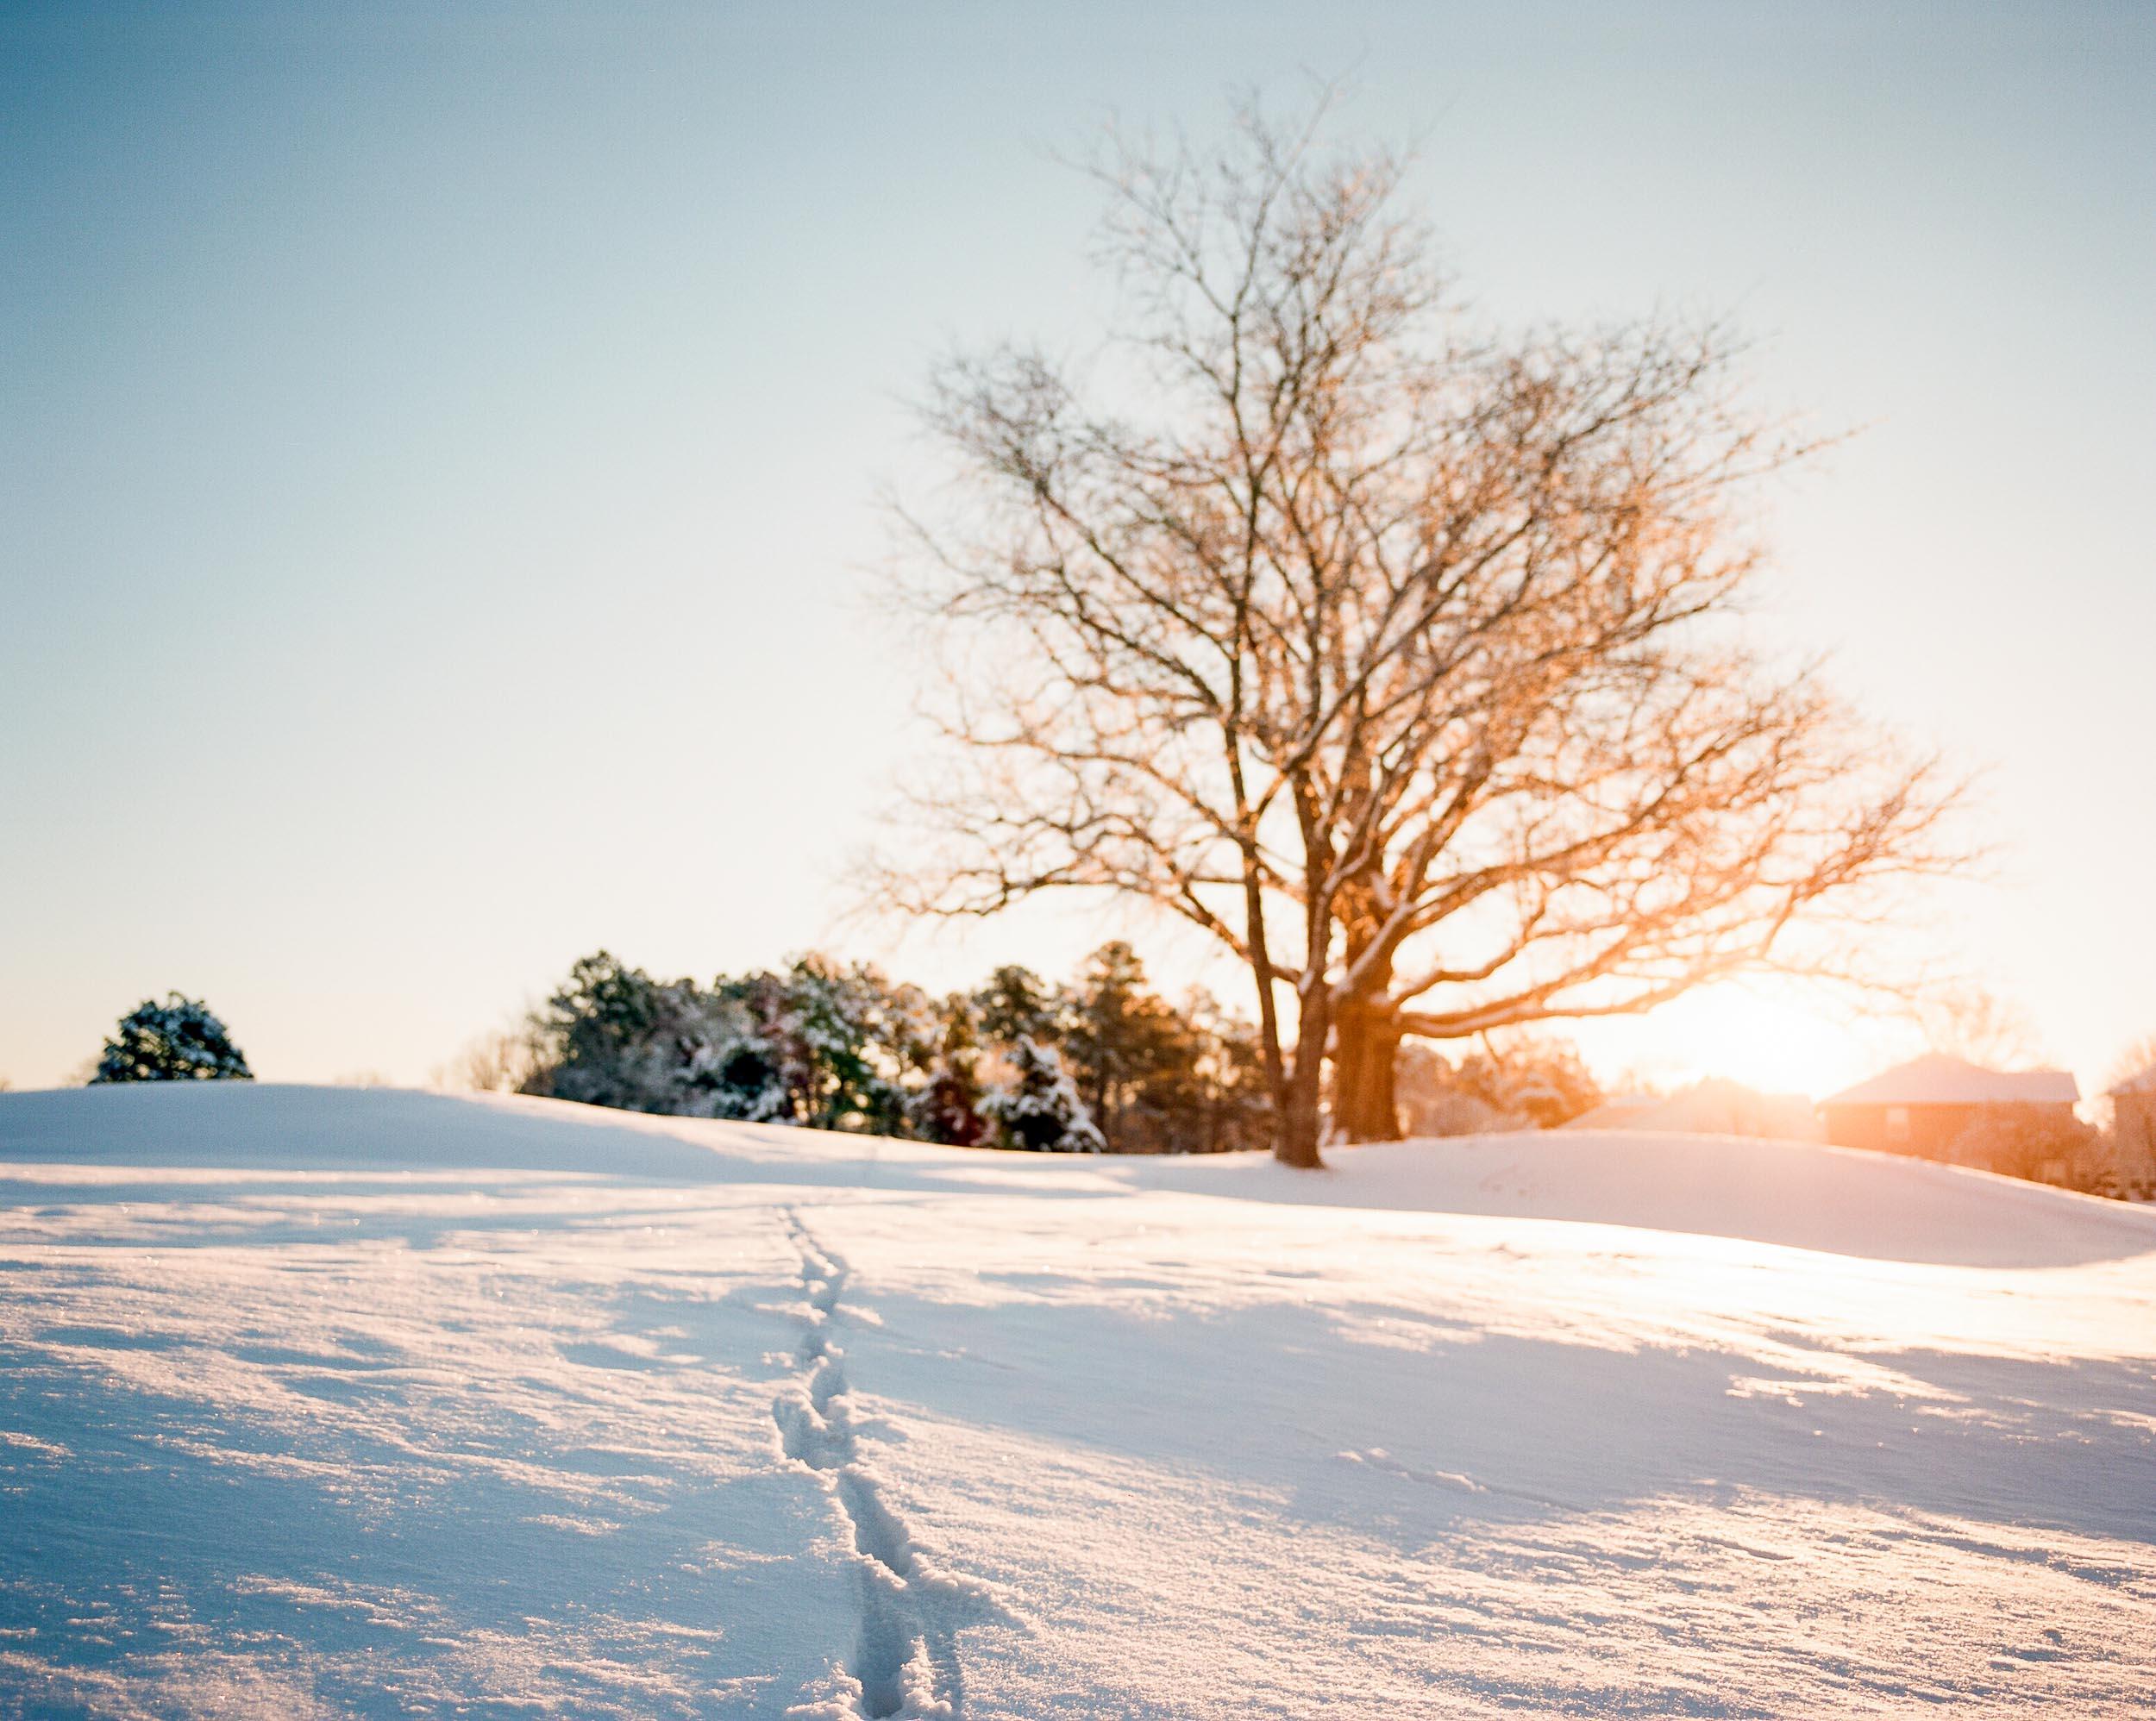 Fresh Blanket of Snow in Raleigh, NC ■ Pentax 67 ■ Kodak Portra 160